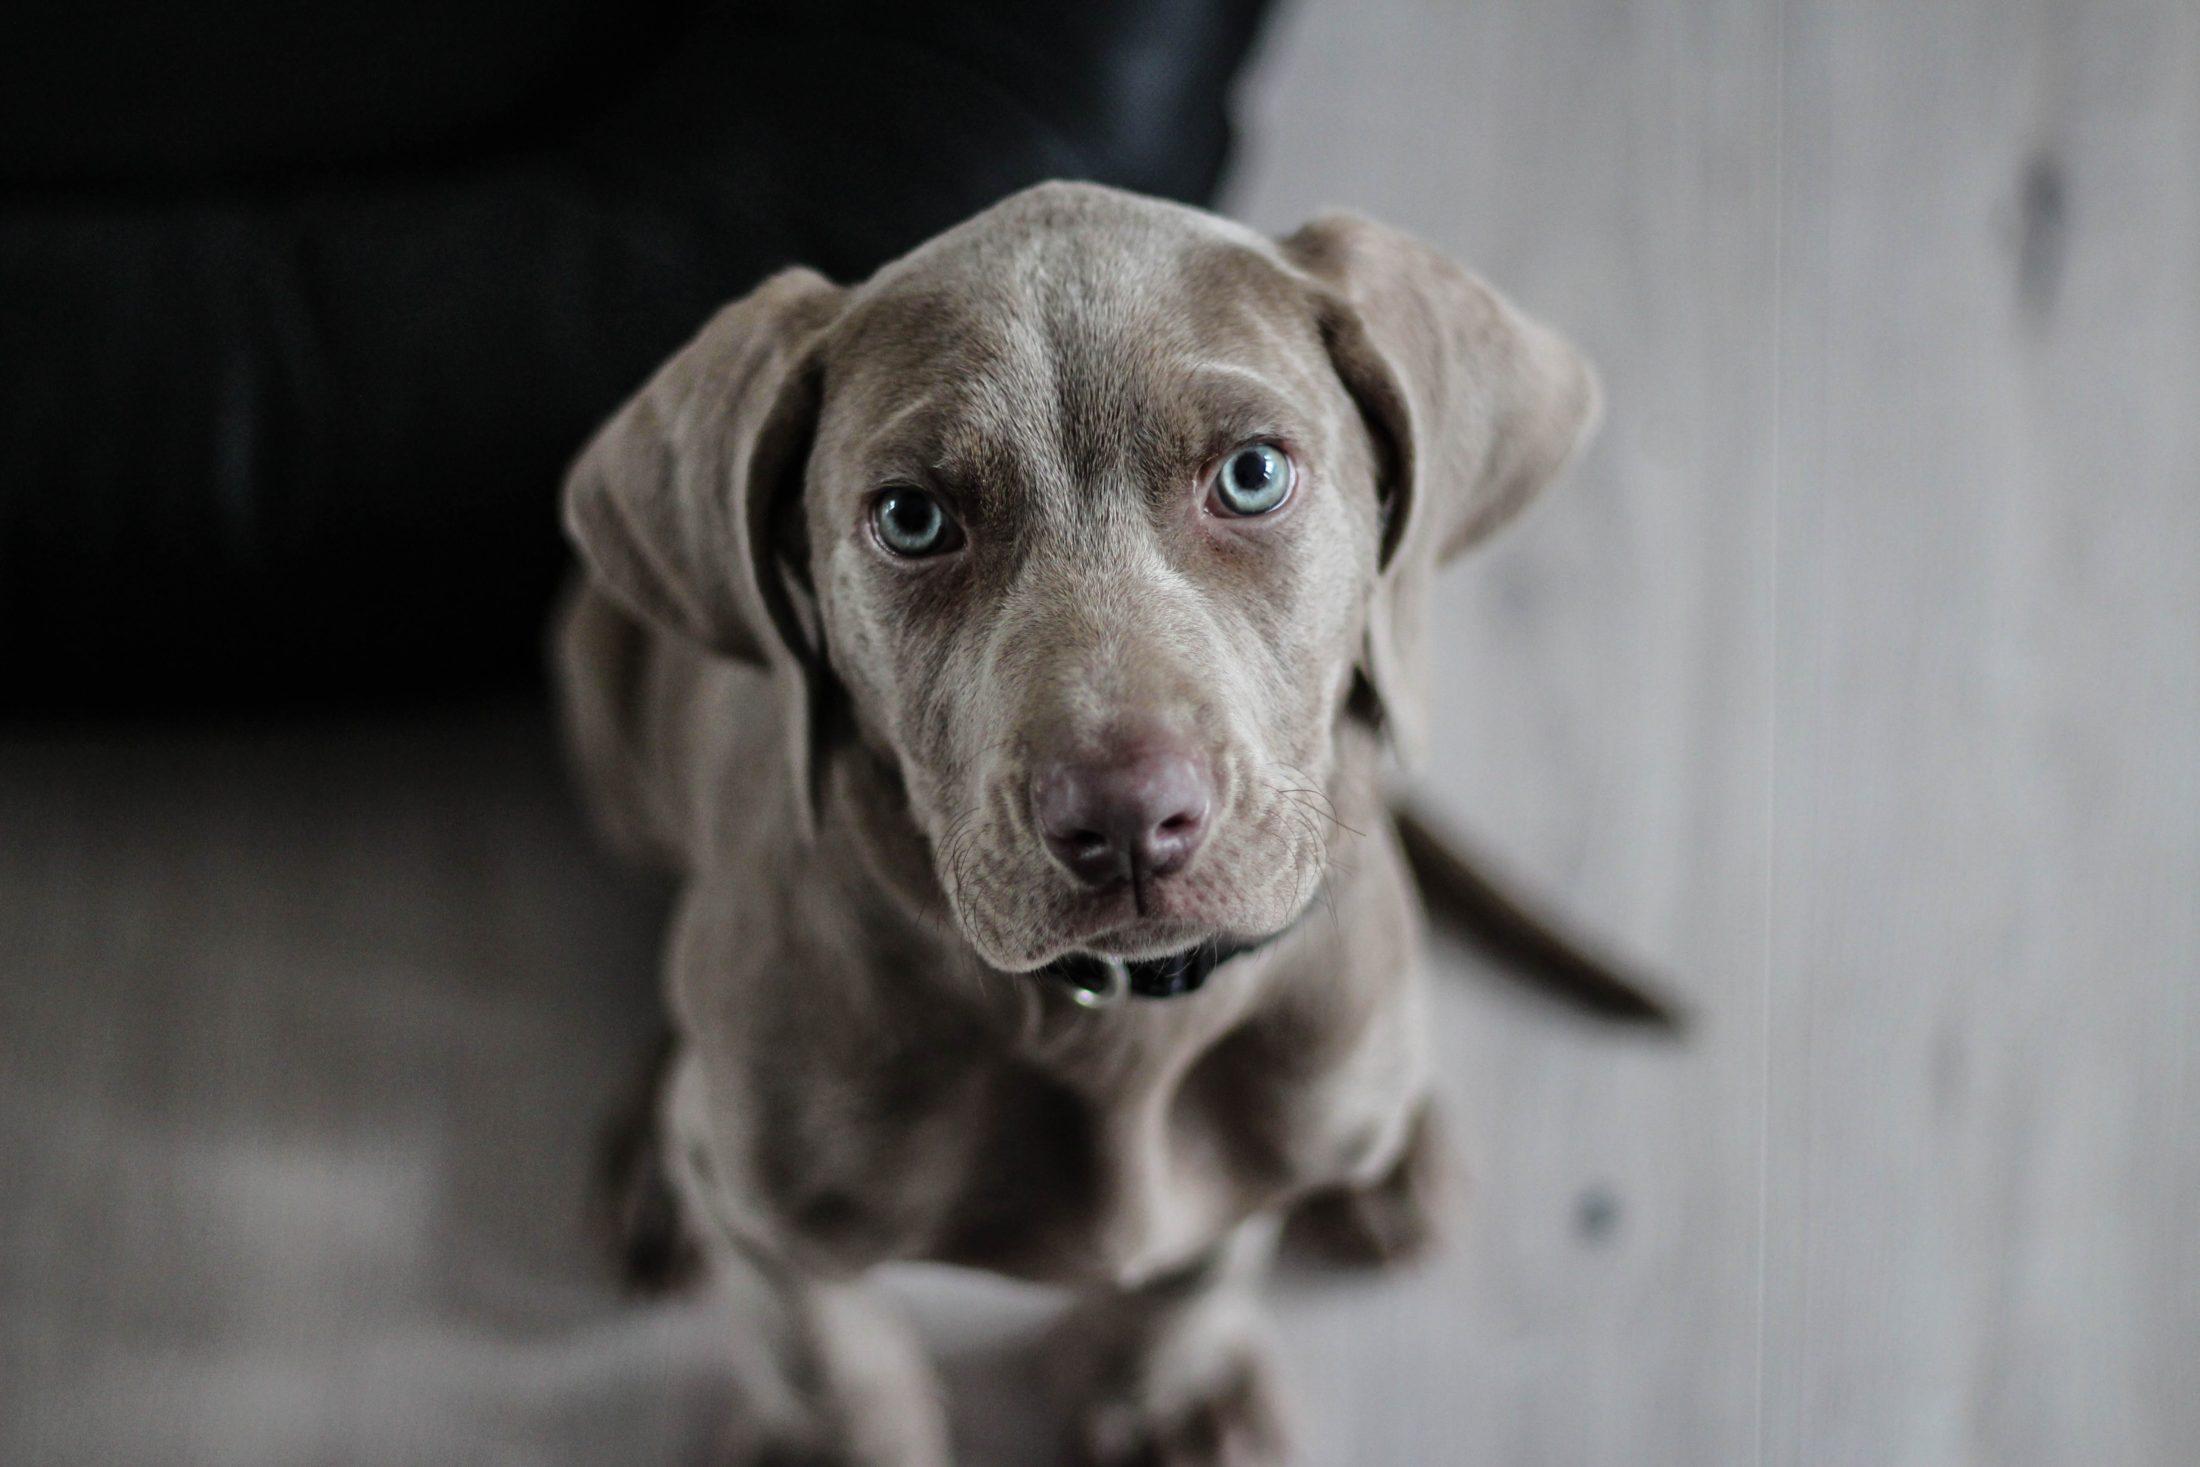 A inteligência animal refere-se à habilidade de aprender comandos e memorizar coisas, objetos, palavras...